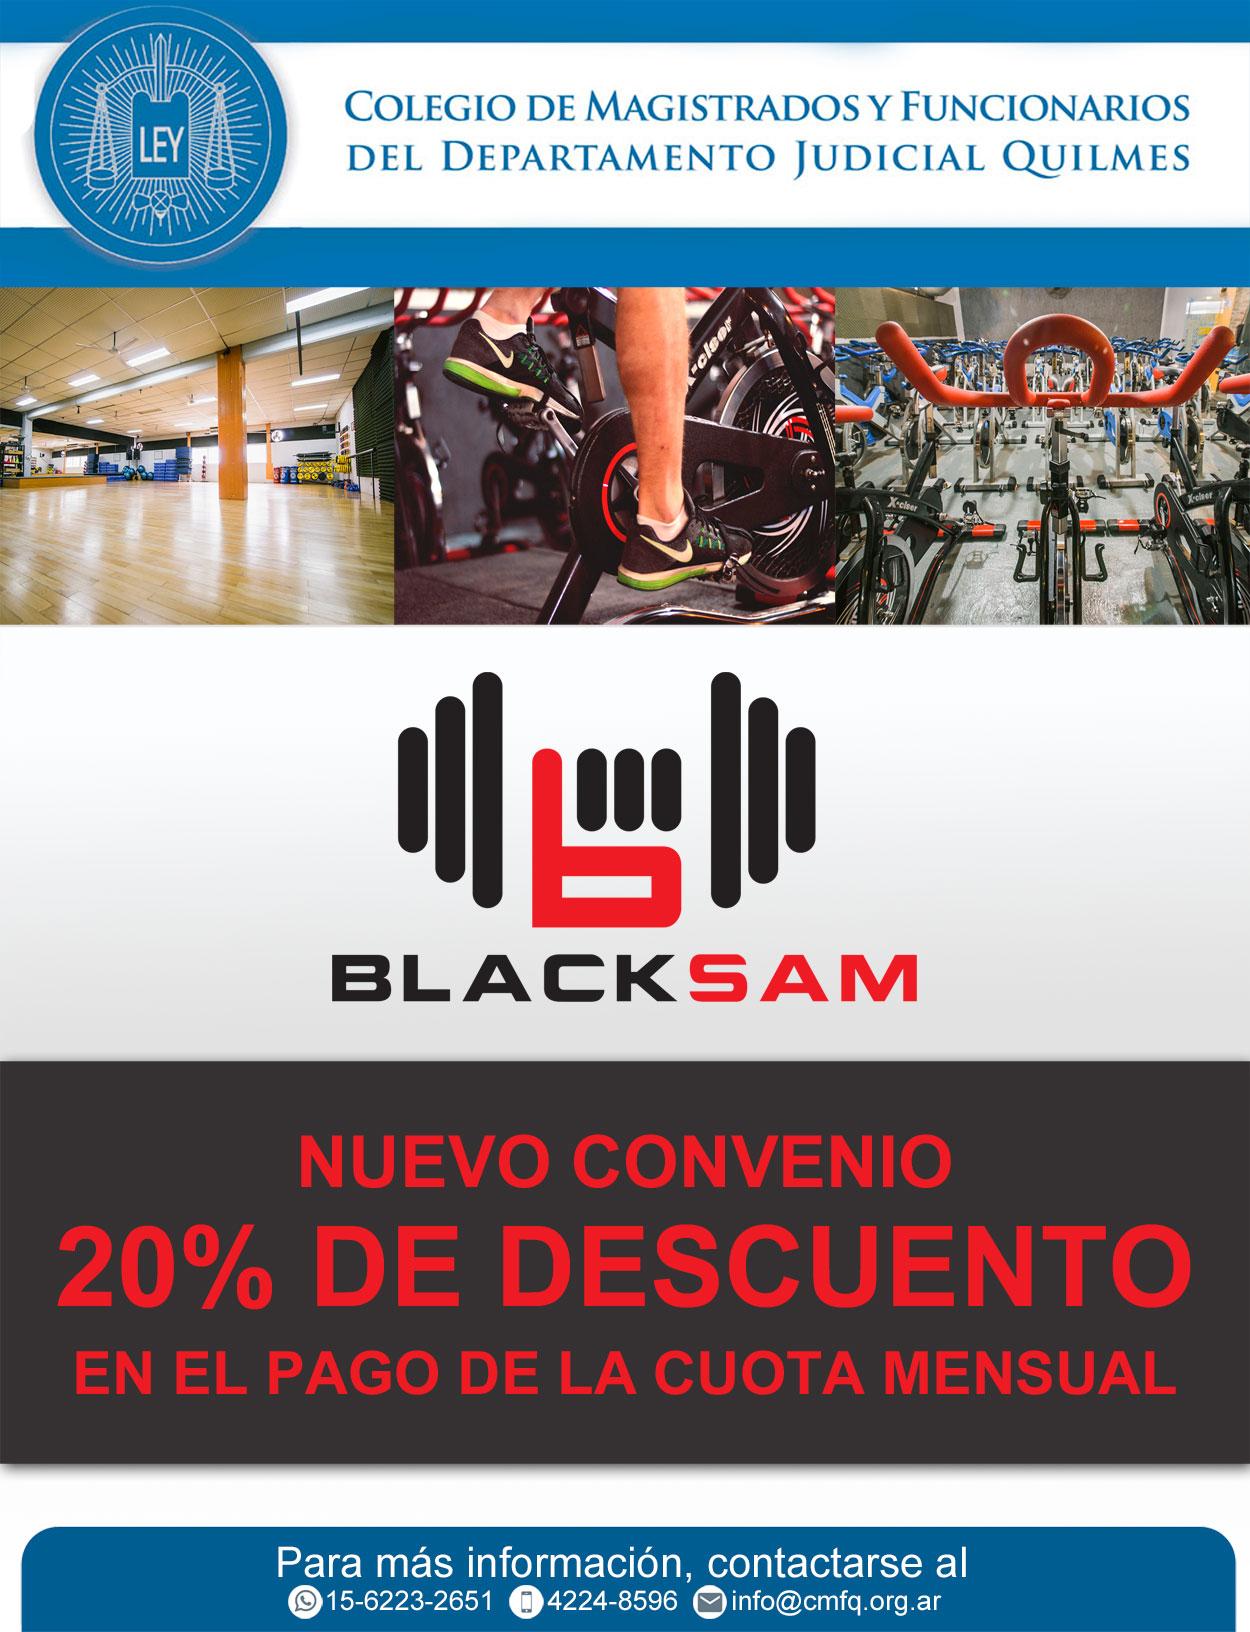 NUEVO CONVENIO BLACK SAM